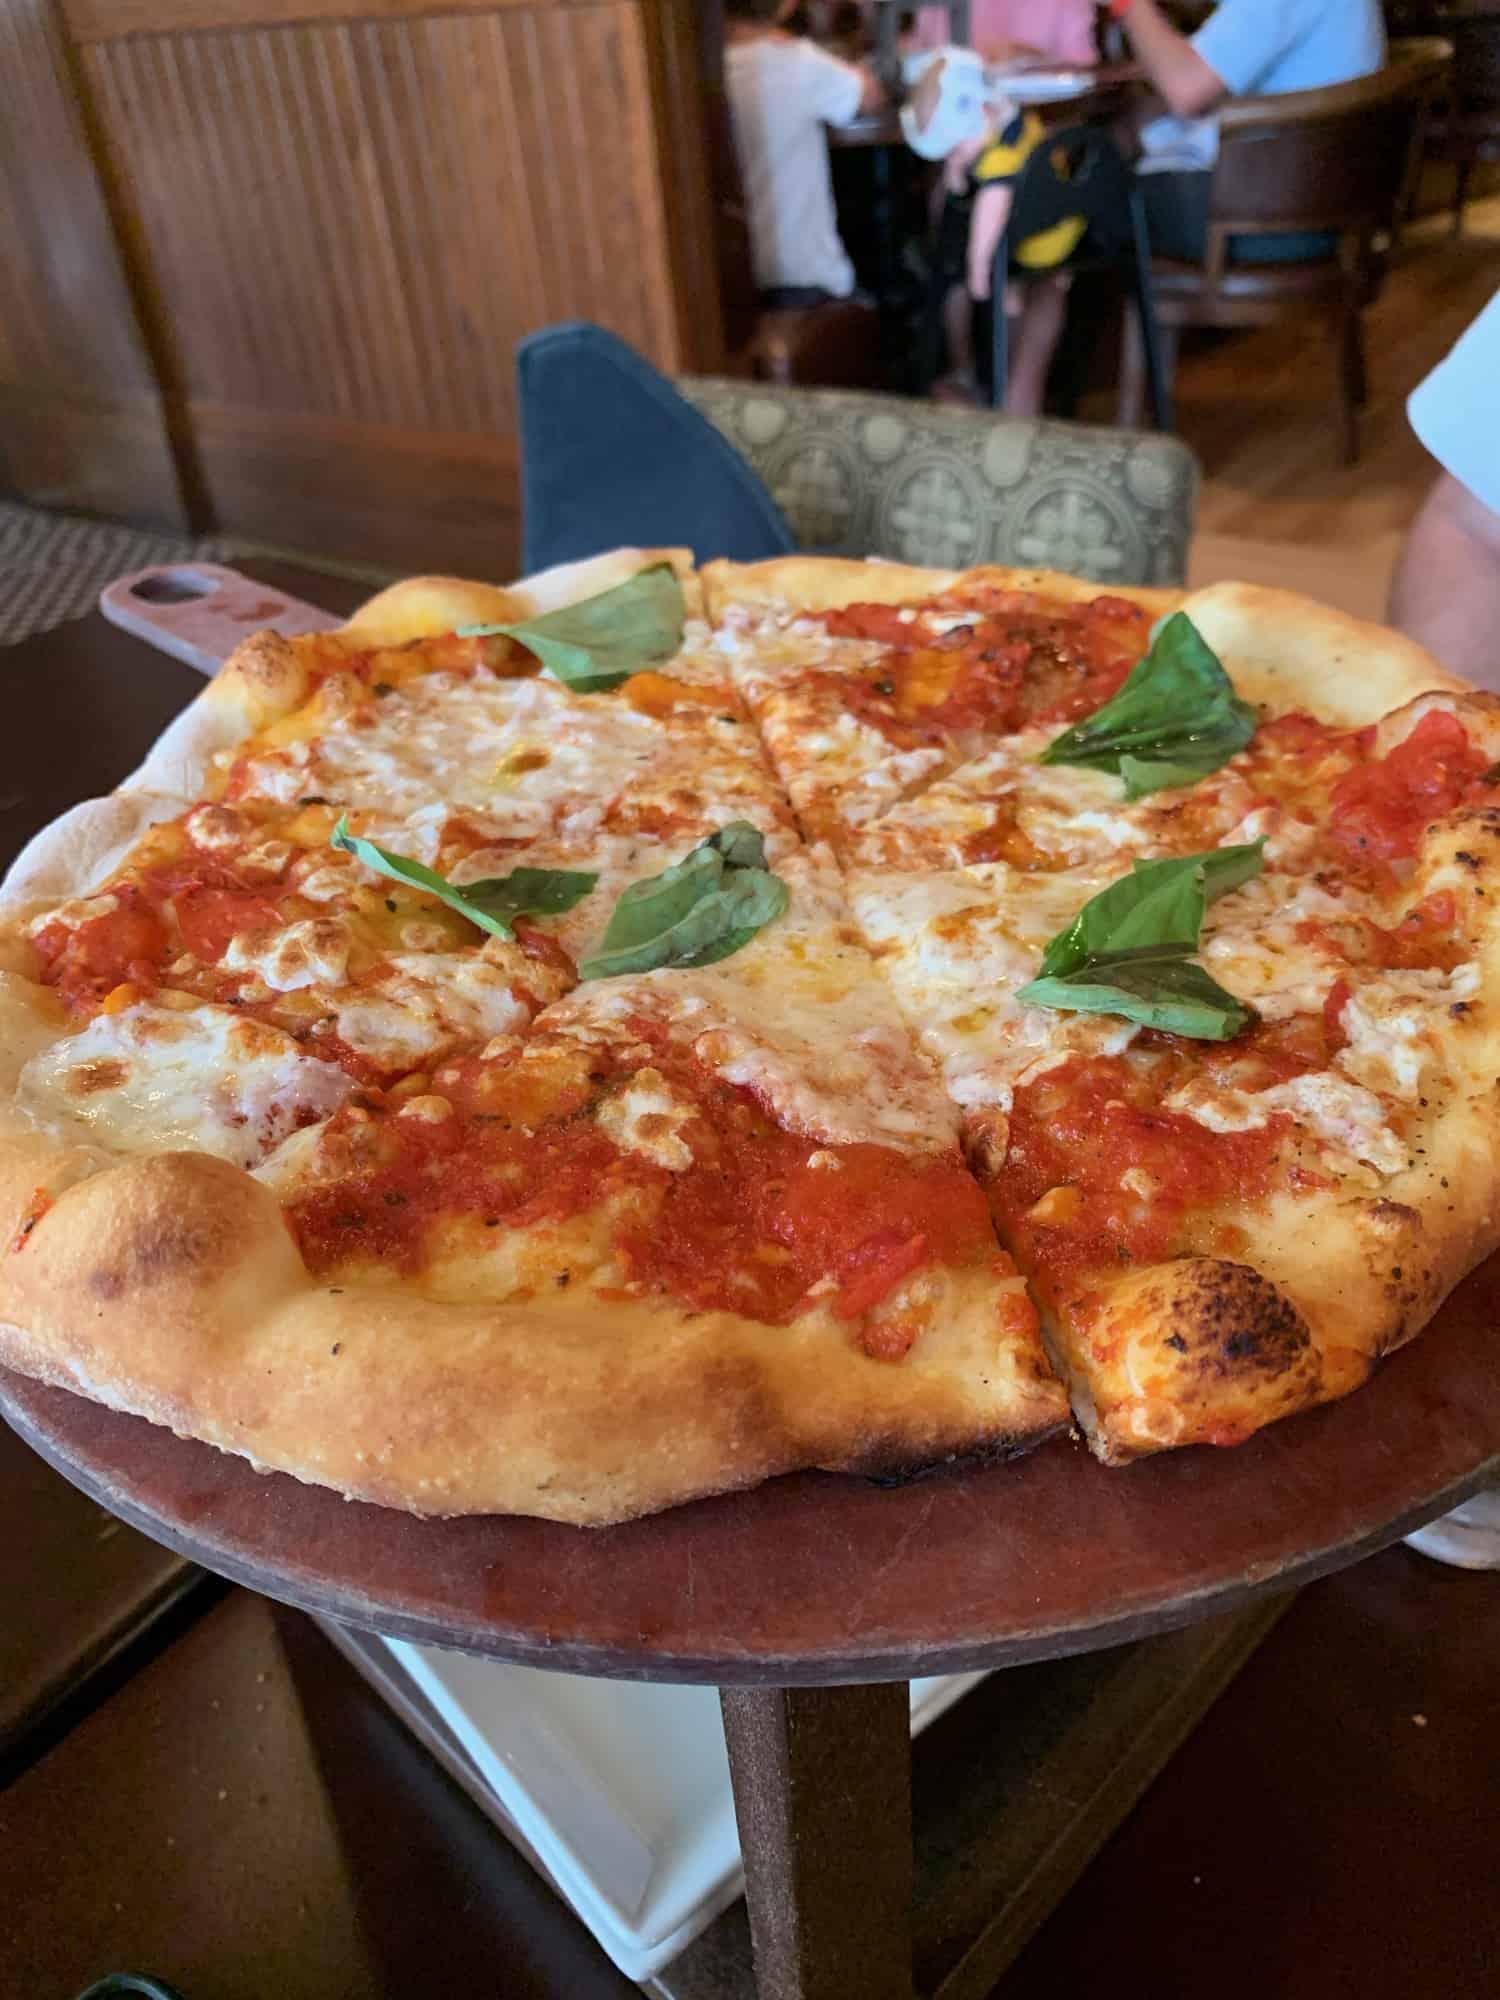 Trattoria al Forno Dining Review 3